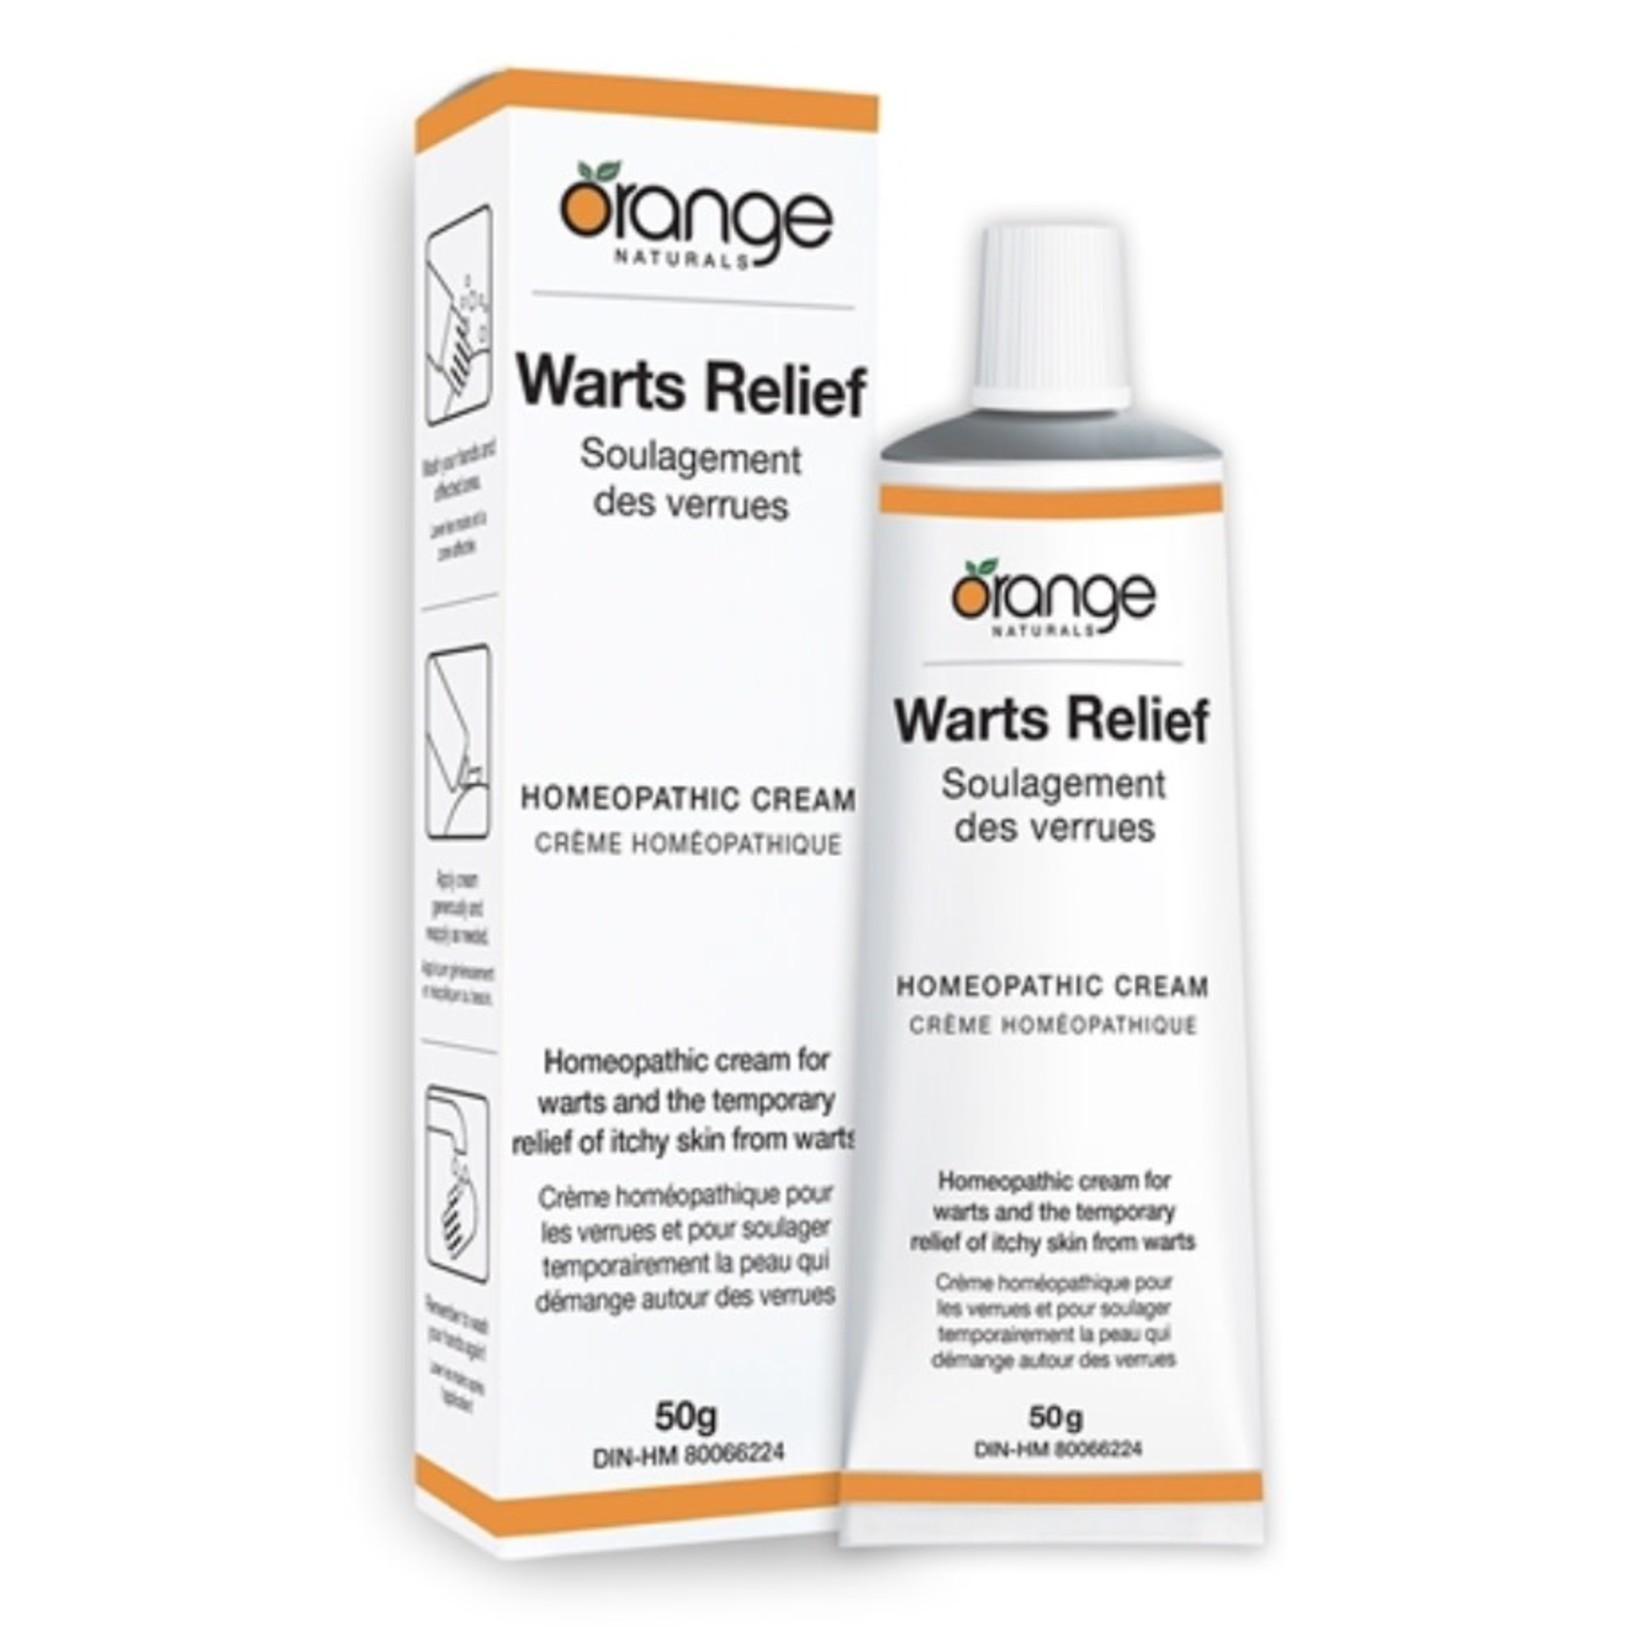 Orange Naturals Orange Natural Warts Relief 50g